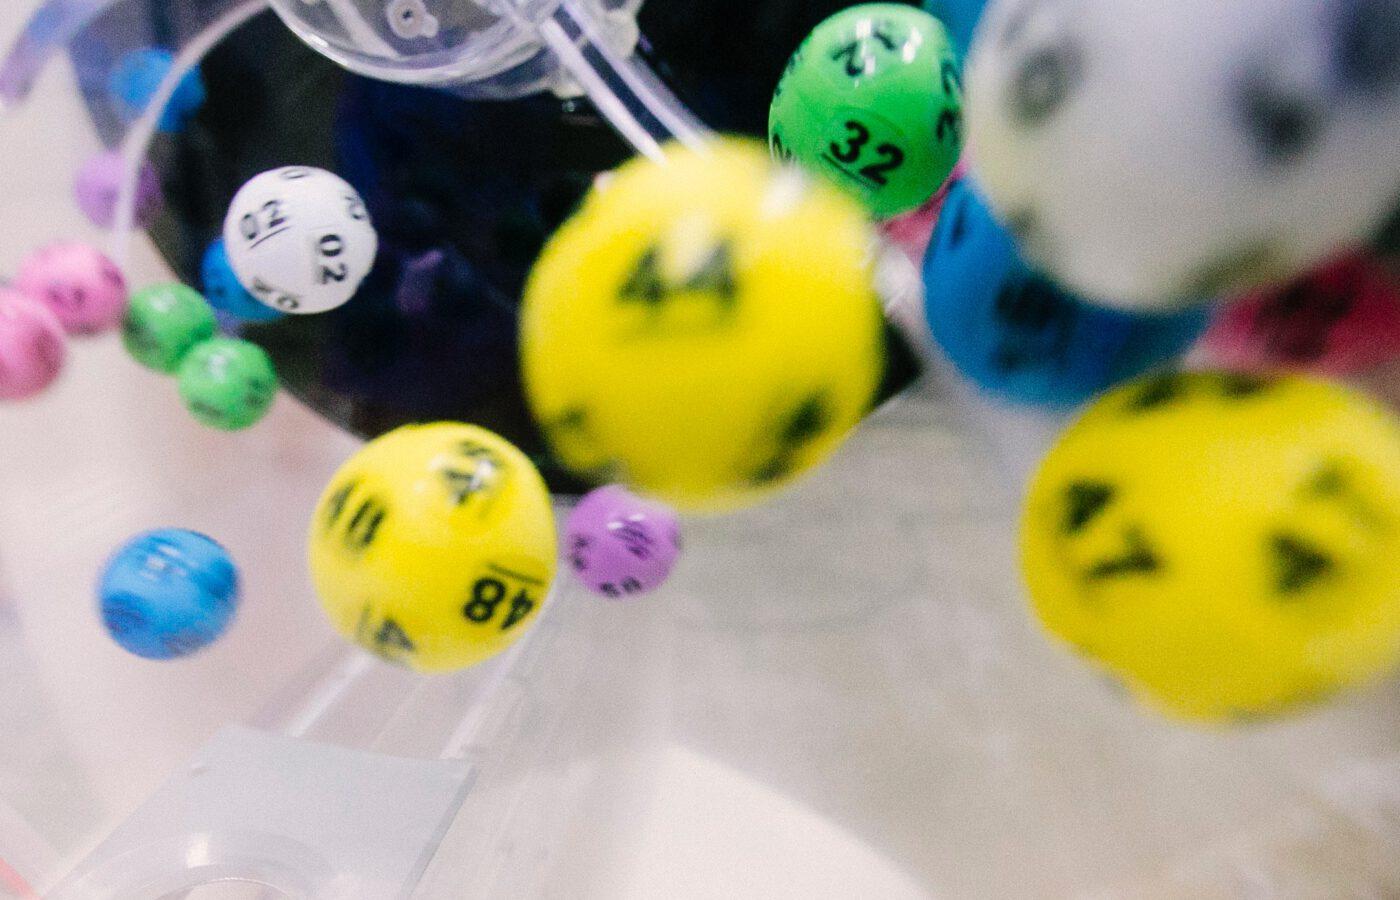 Kuvassa on erivärisiä lottopalloja, joissa on numeroita.